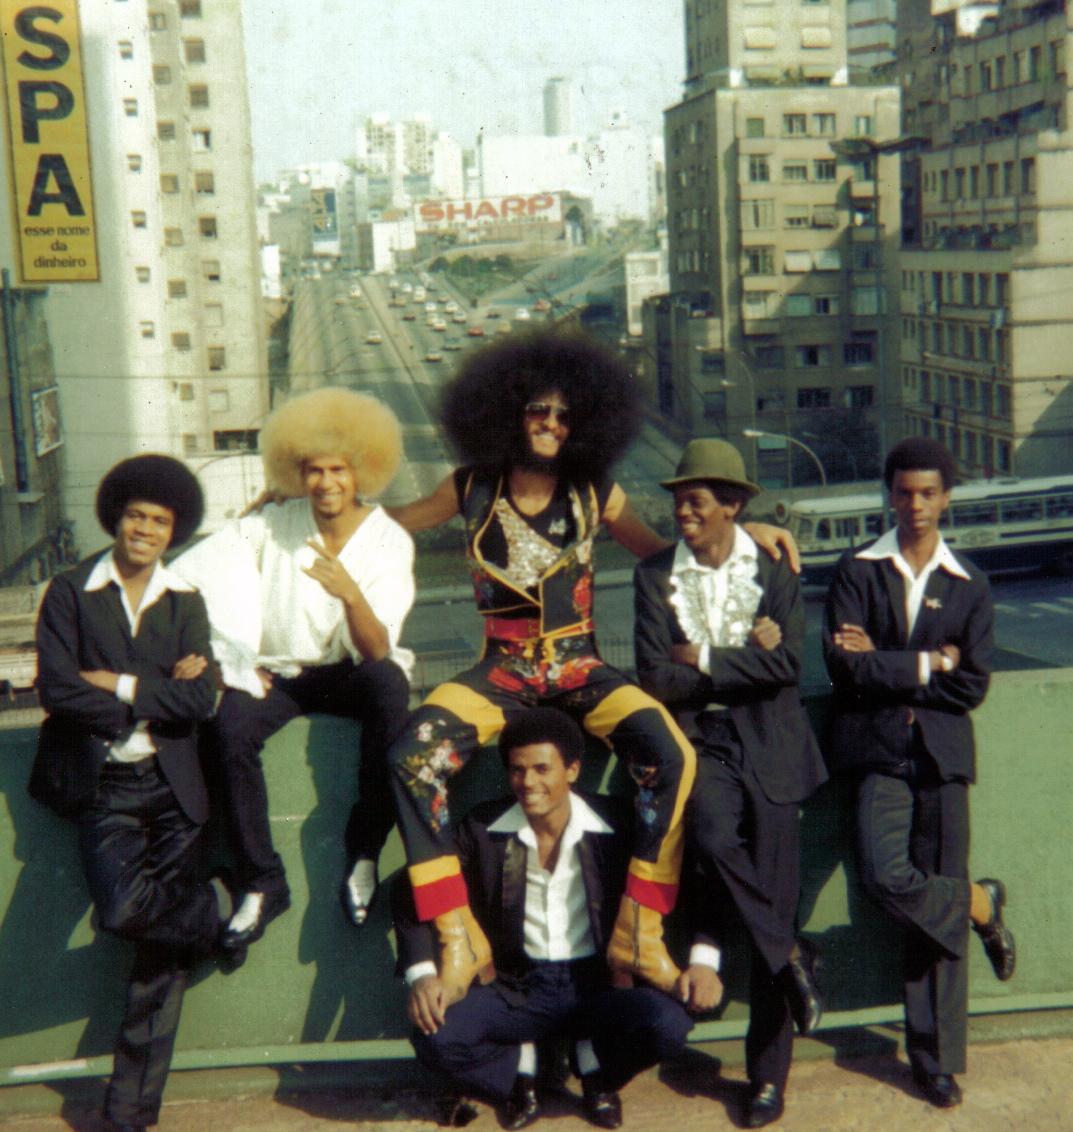 Nelson Triunfo, na música e principalmente como dançarino, nos anos 70 e 80, foi figura fundamental da cultura do hip hop nacional